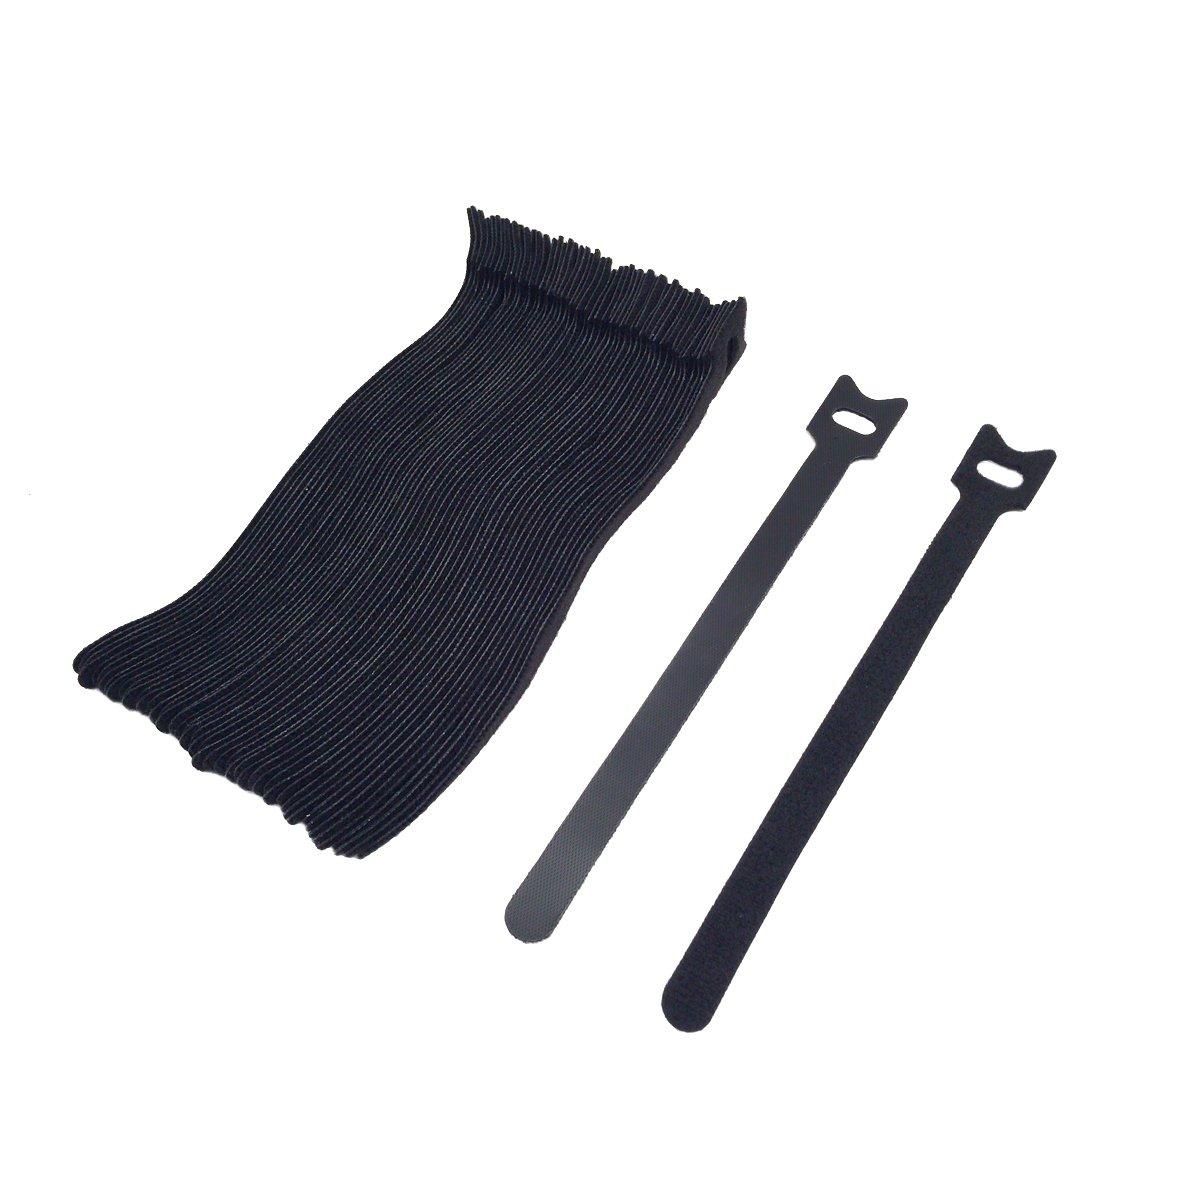 50 PCS 8 pouces (23X200mm) Attaches de serre-câbles réutilisables,attaches câble,serres-câbles,noir